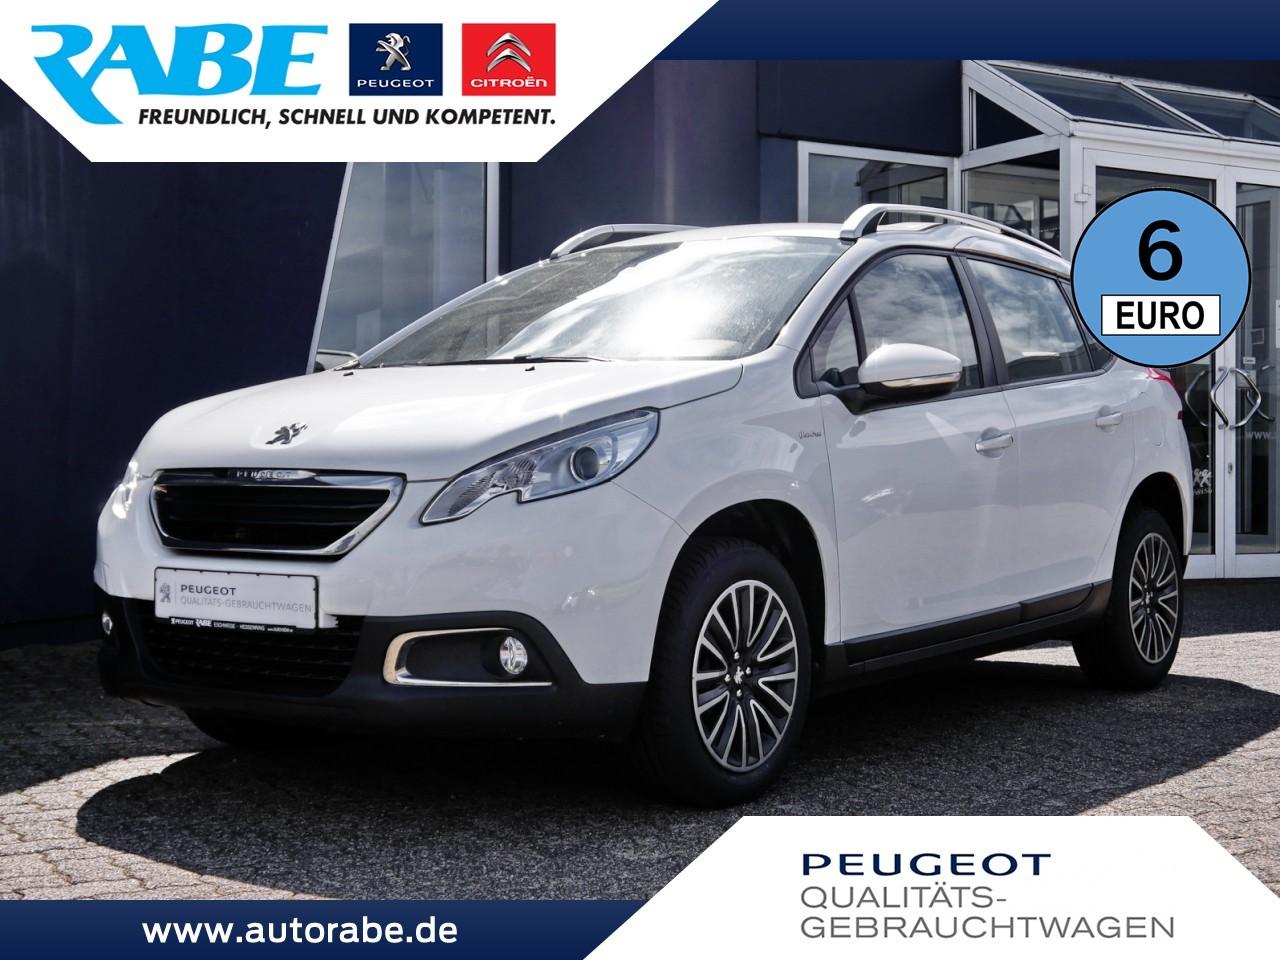 Peugeot 2008 Urban Move 110 PT Sitzhzg+Nebel+ParkPilot, Jahr 2016, Benzin